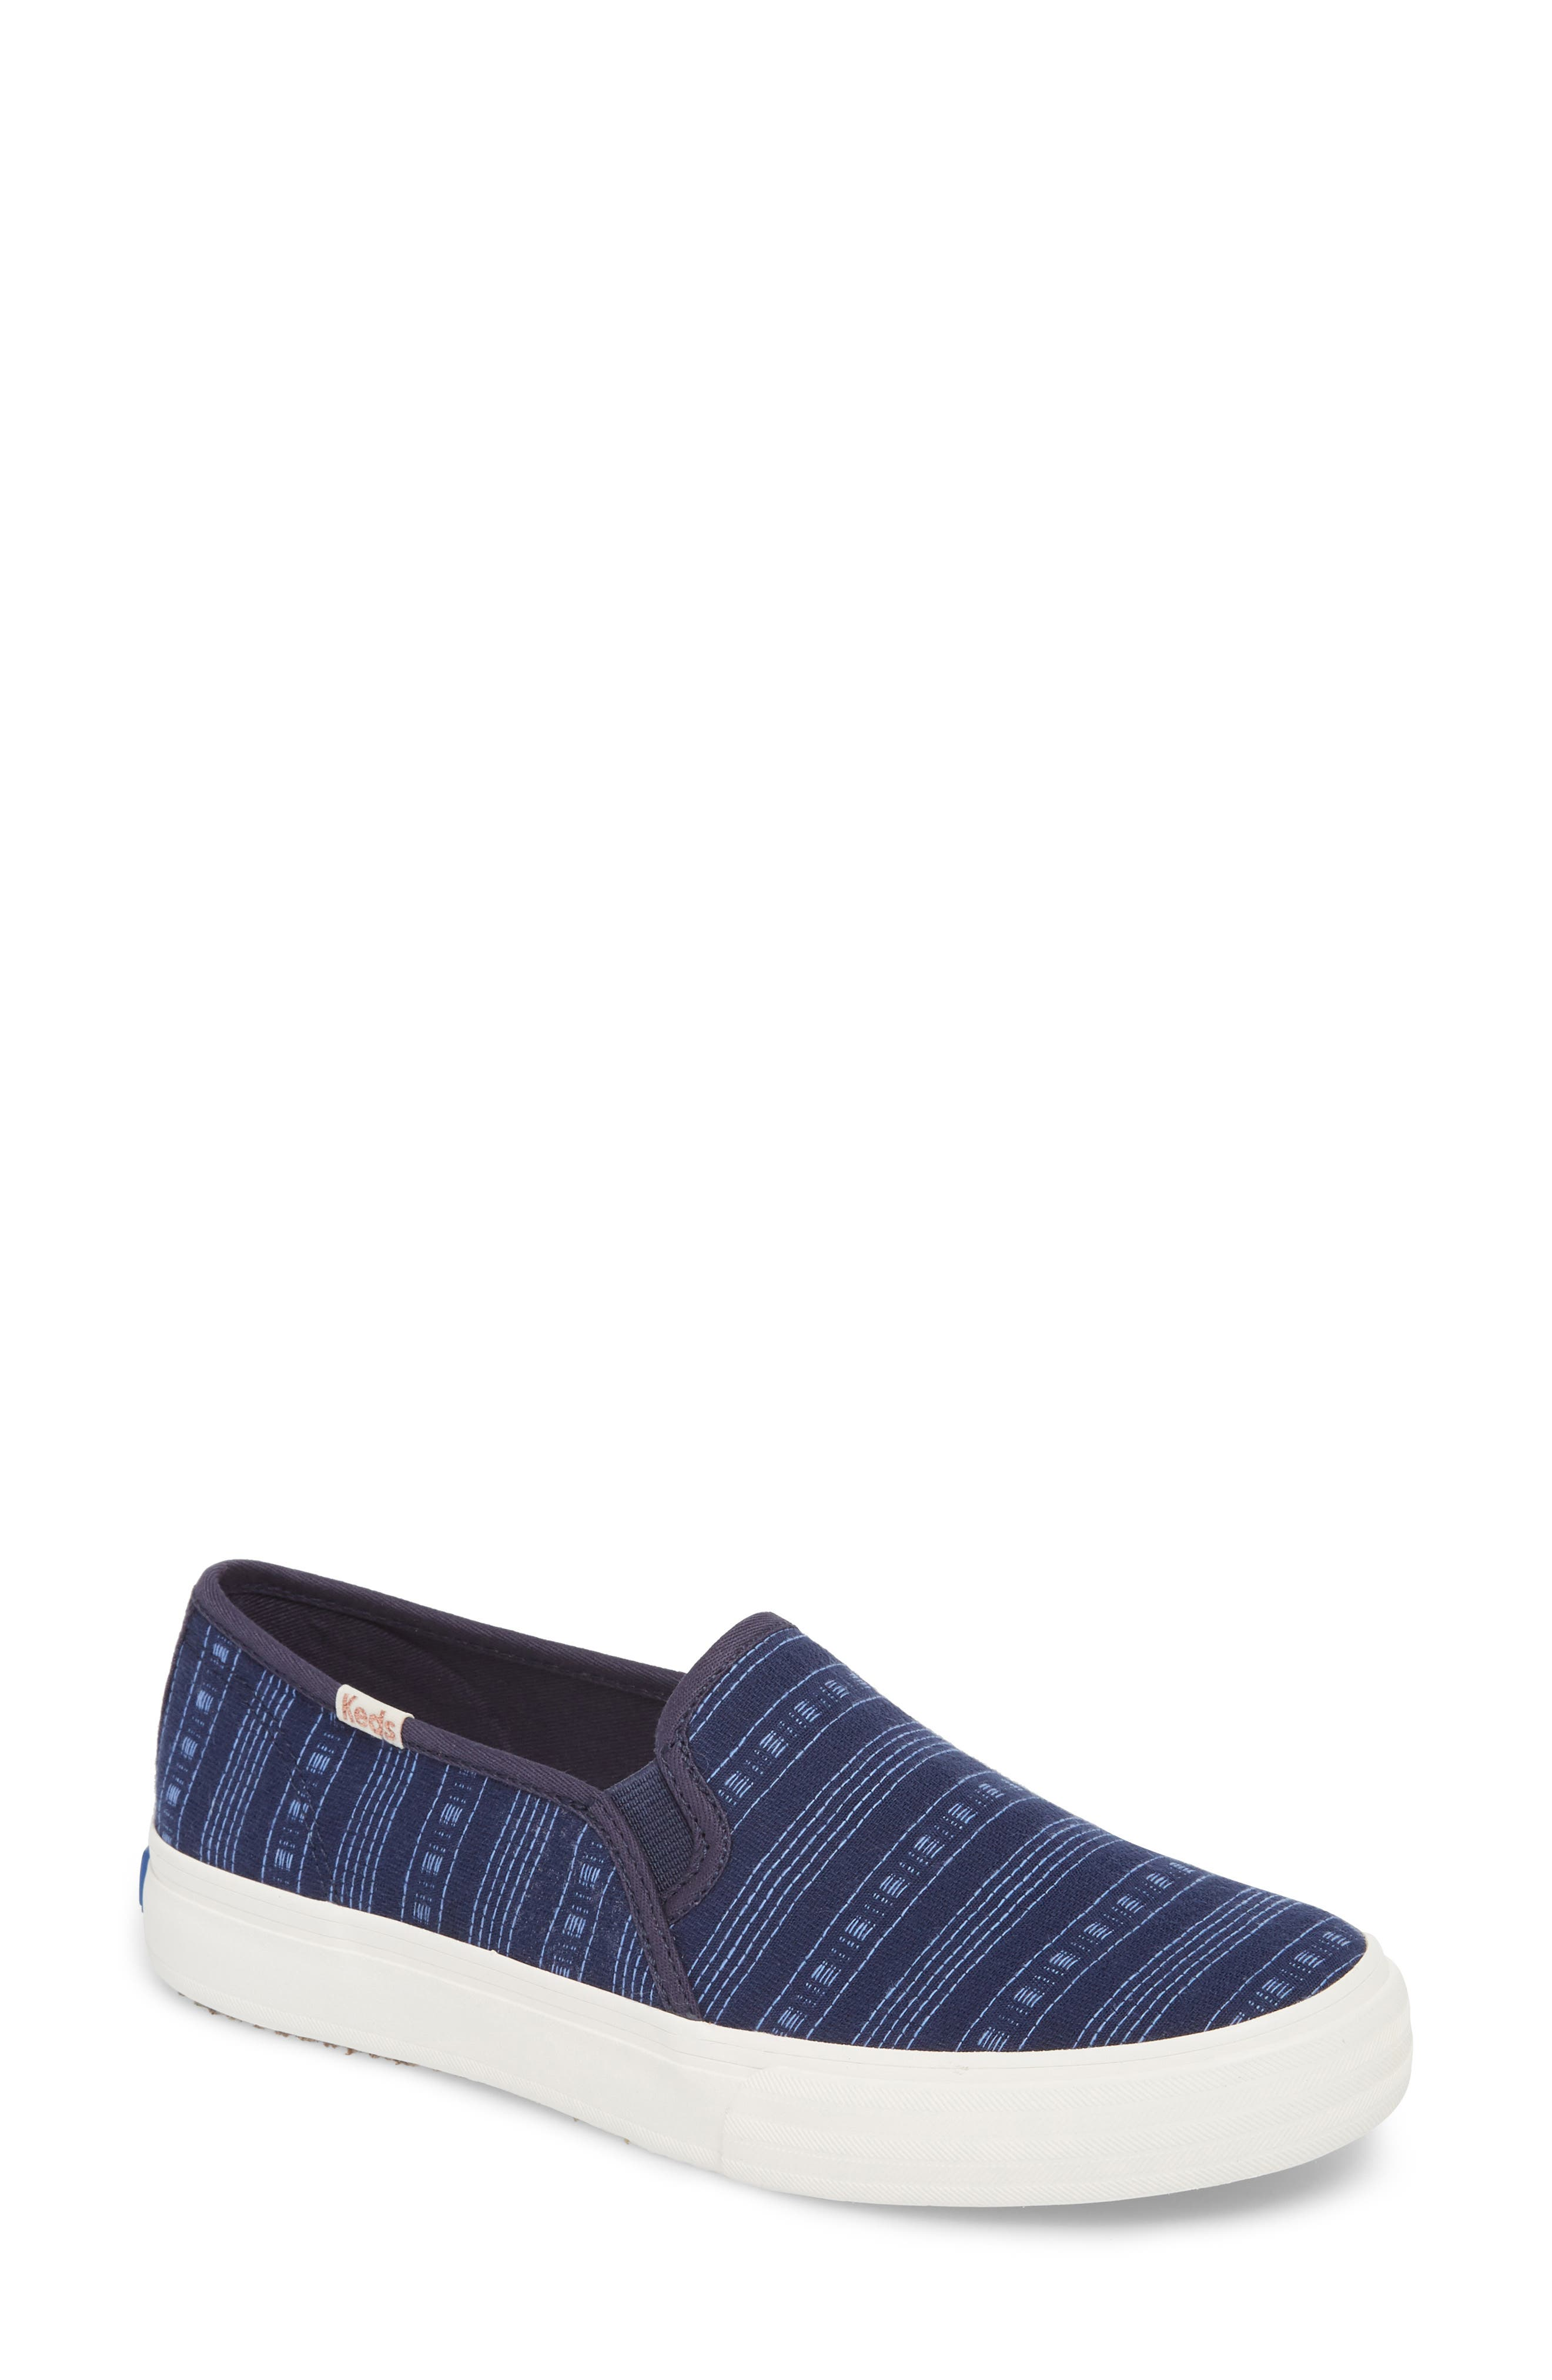 Double Decker Summer Stripe Slip-On Sneaker,                             Main thumbnail 1, color,                             410